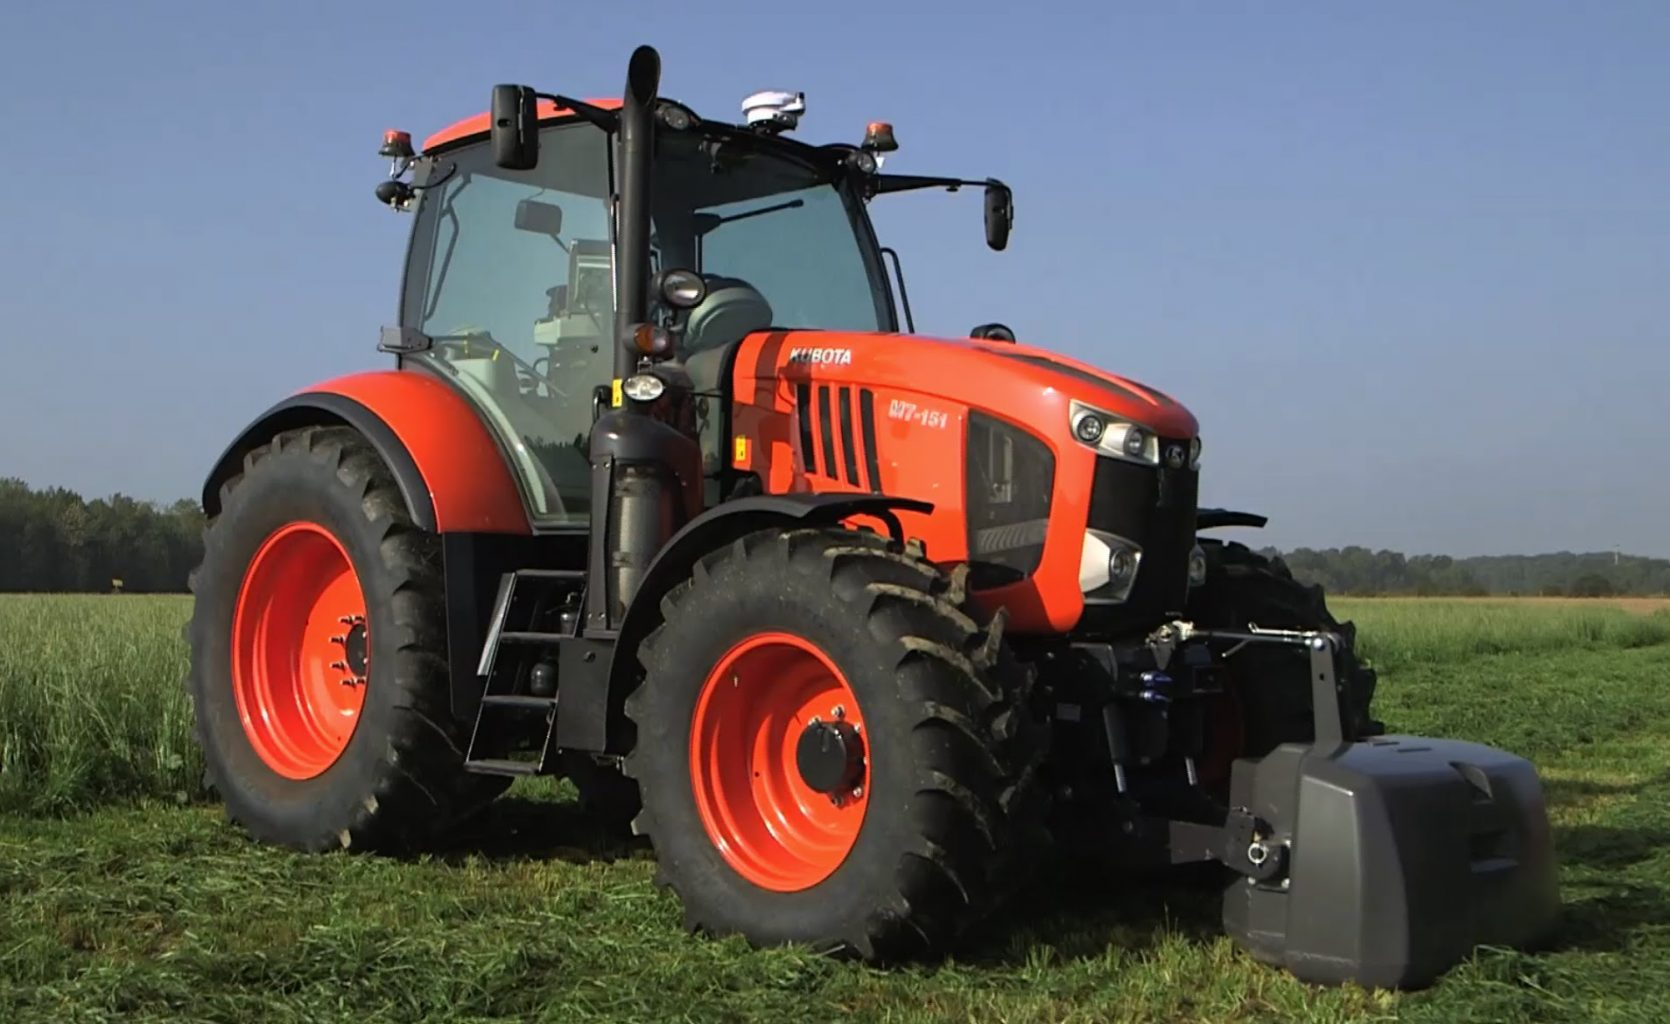 Kubota M7 151 Tractor price